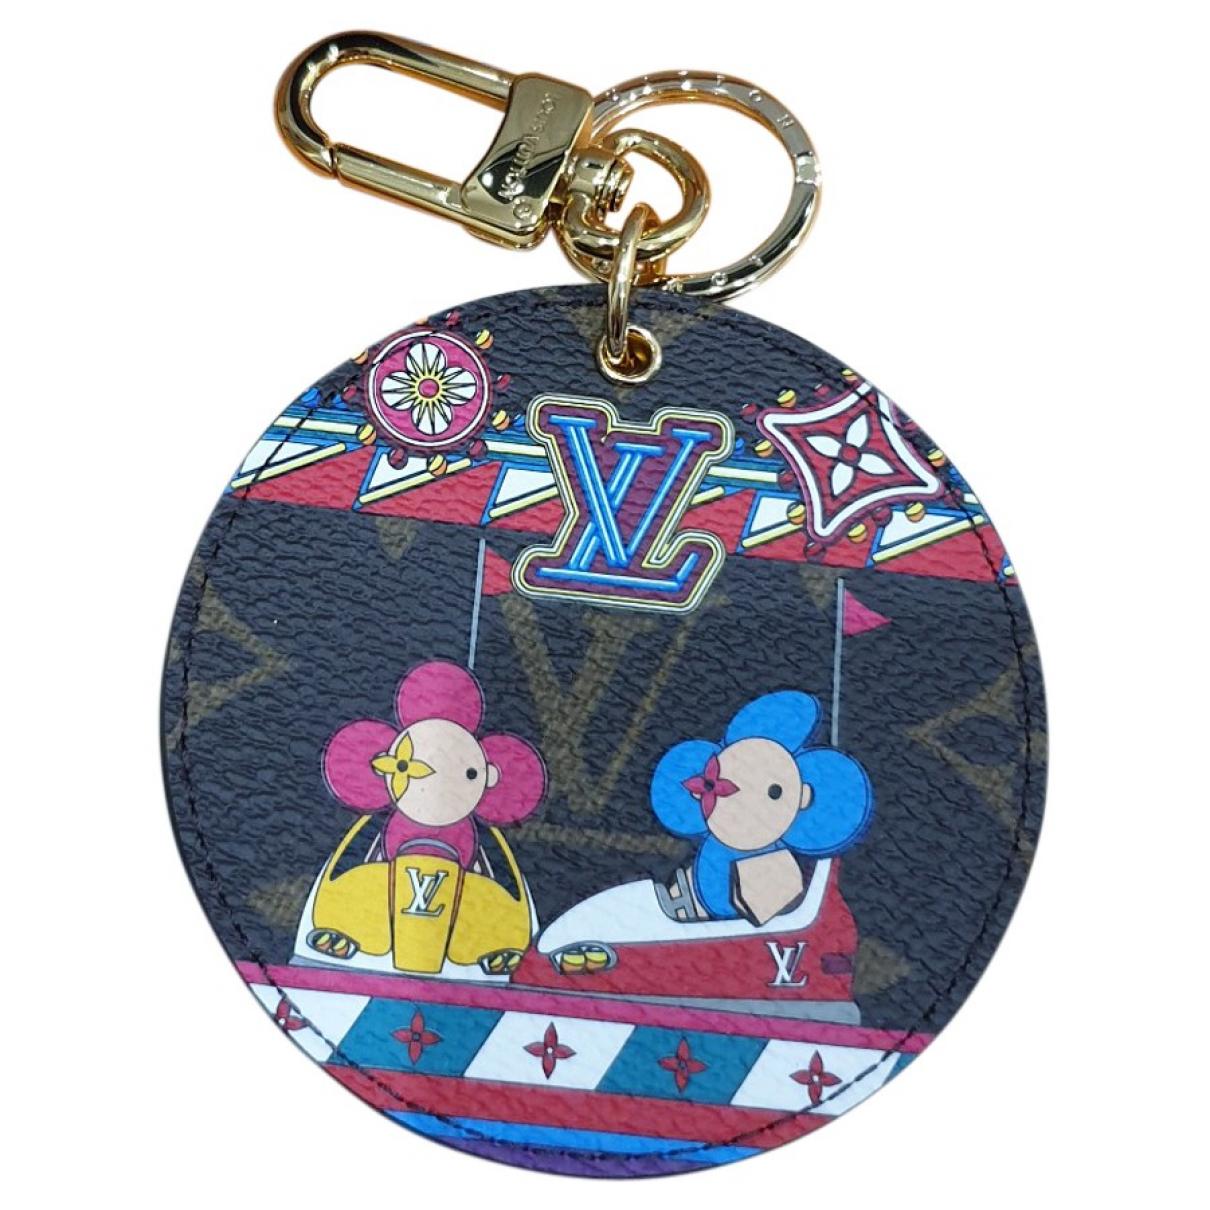 Louis Vuitton - Bijoux de sac   pour femme en toile